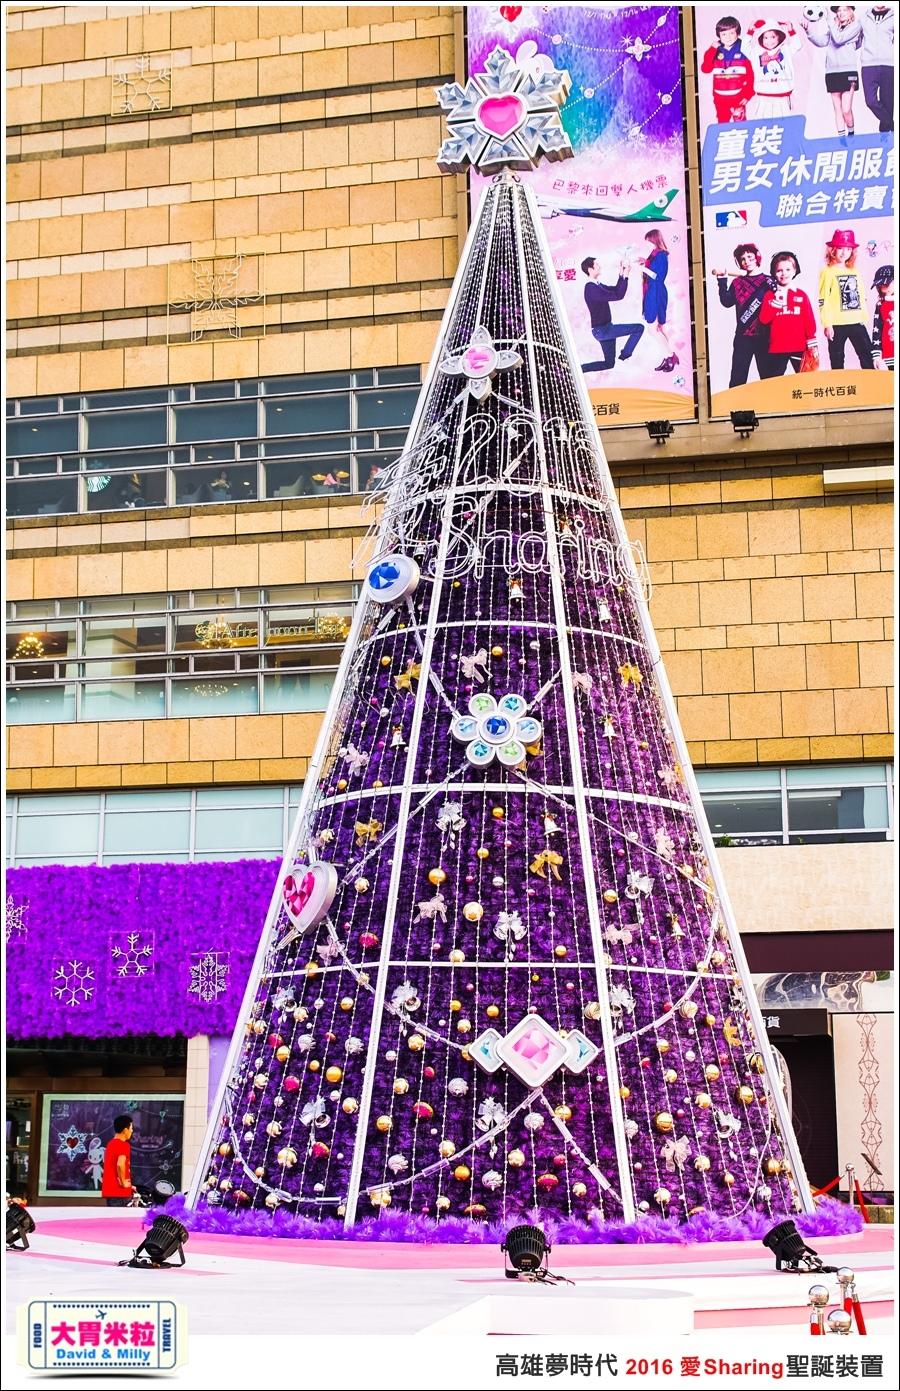 2016聖誕約會景點推薦@高雄夢時代 統一時代百貨 2016聖誕裝置@大胃米粒0003.jpg